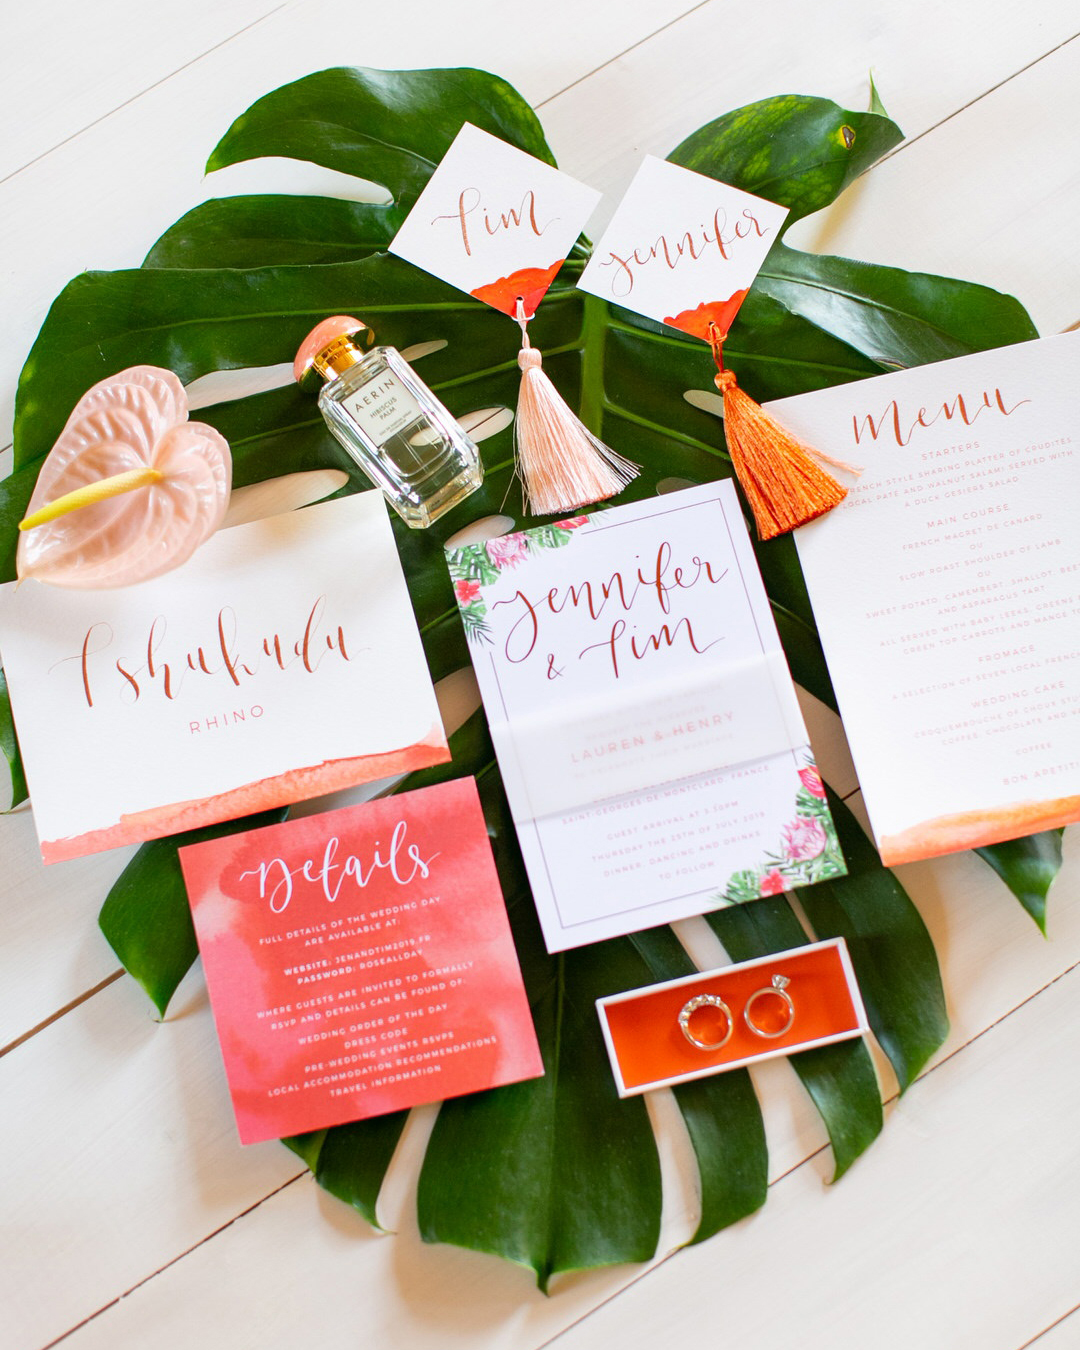 jen tim wedding tropical pink invites on giant leaf